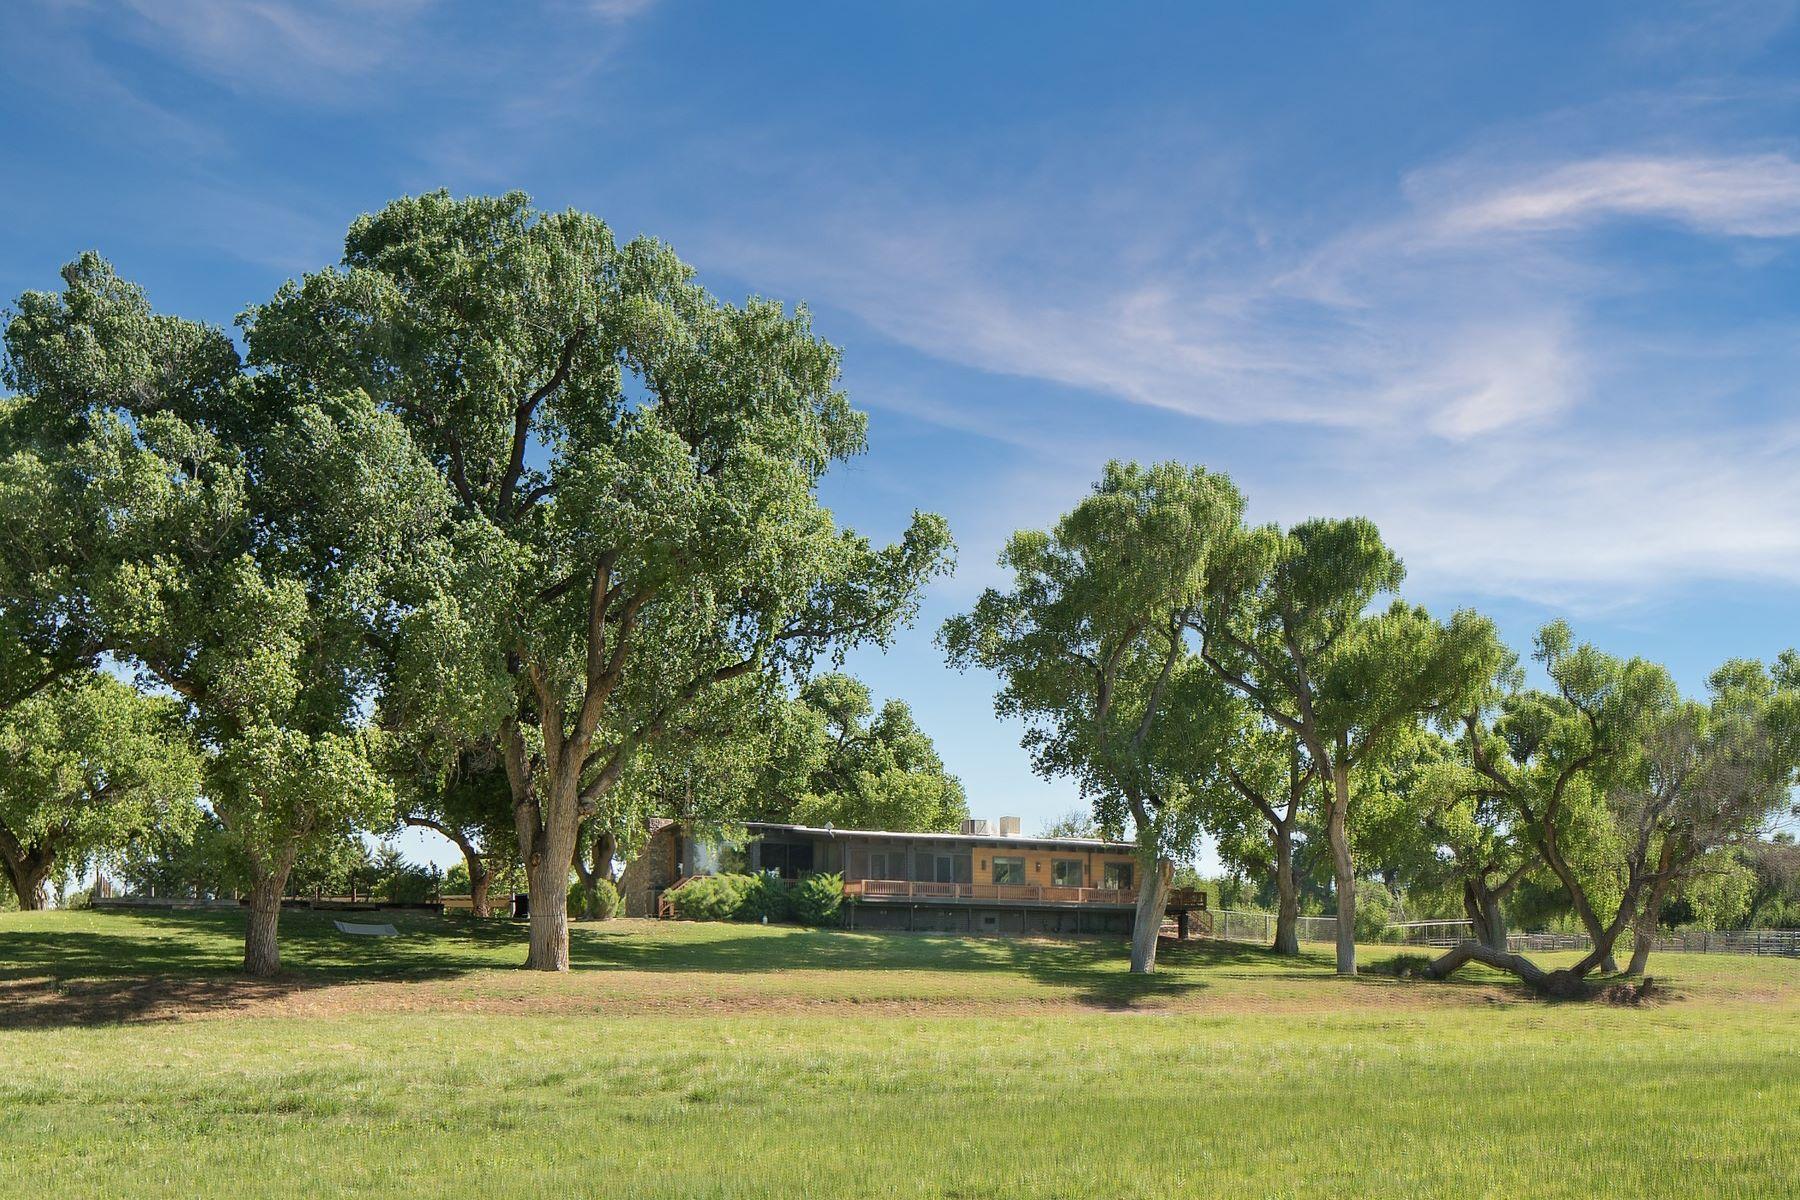 Частный односемейный дом для того Продажа на A true equestrian estate 173 W Grippen Rd, Camp Verde, Аризона, 86322 Соединенные Штаты